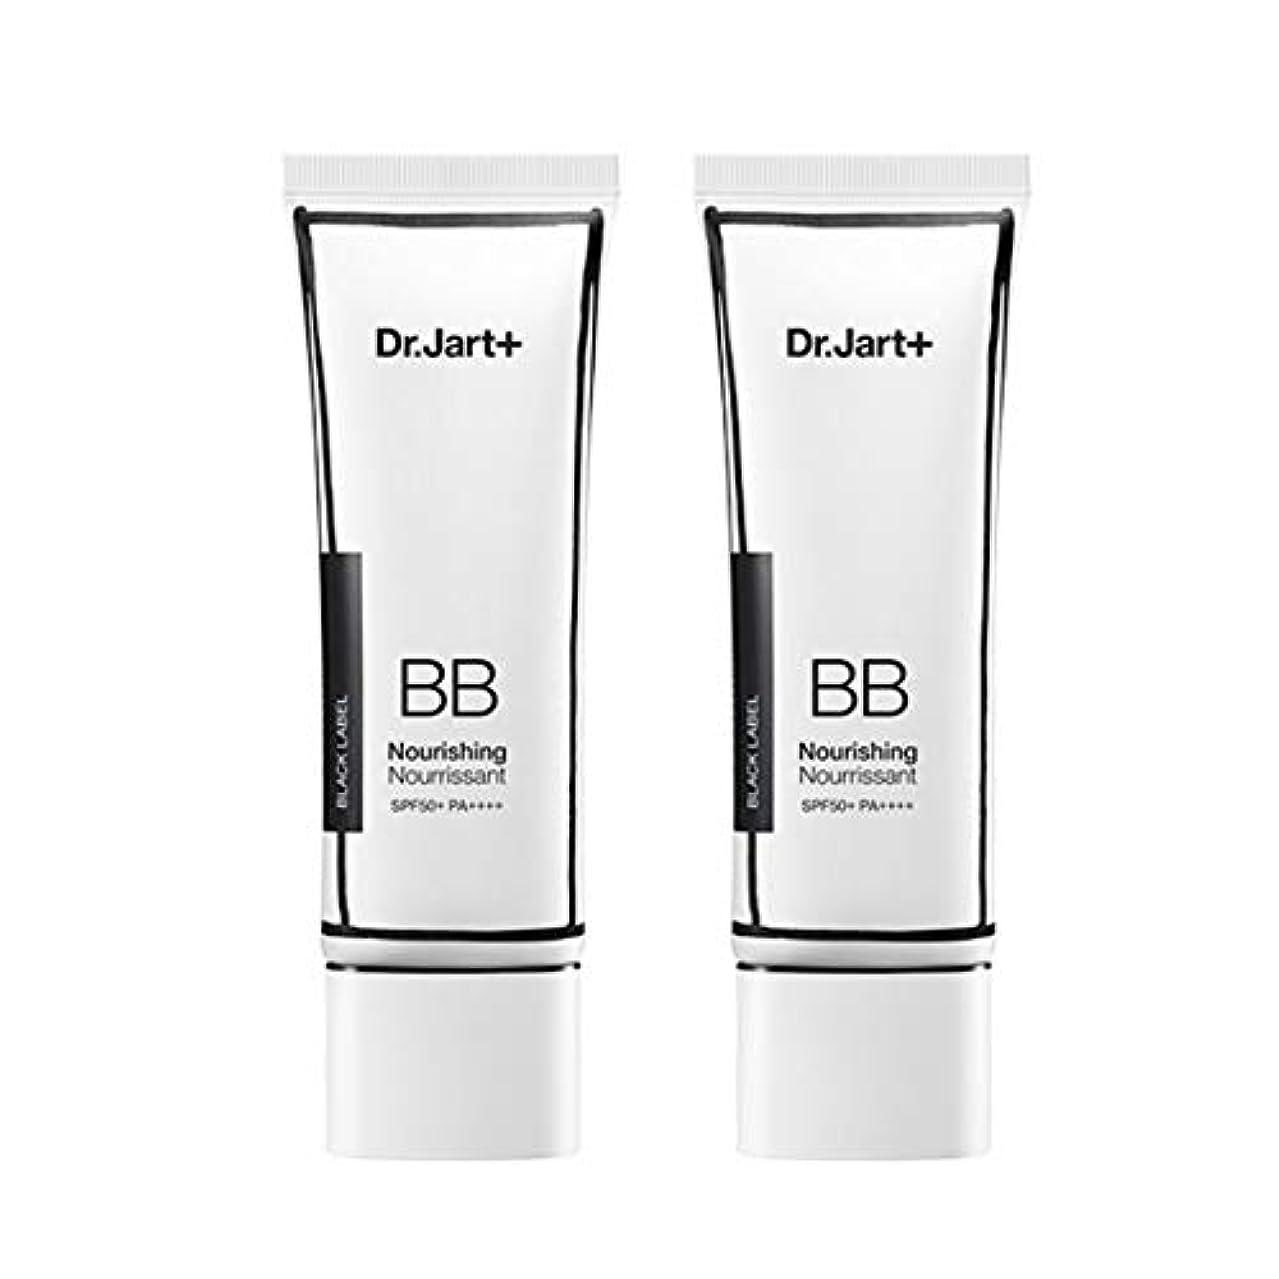 購入聖歌引用ドクタージャルトゥザメイクアップノリシンビューティーbalm 50ml x 2本セットBBクリーム、Dr.Jart Dermakeup Nourishing Beauty Balm 50ml x 2ea Set BB Cream...